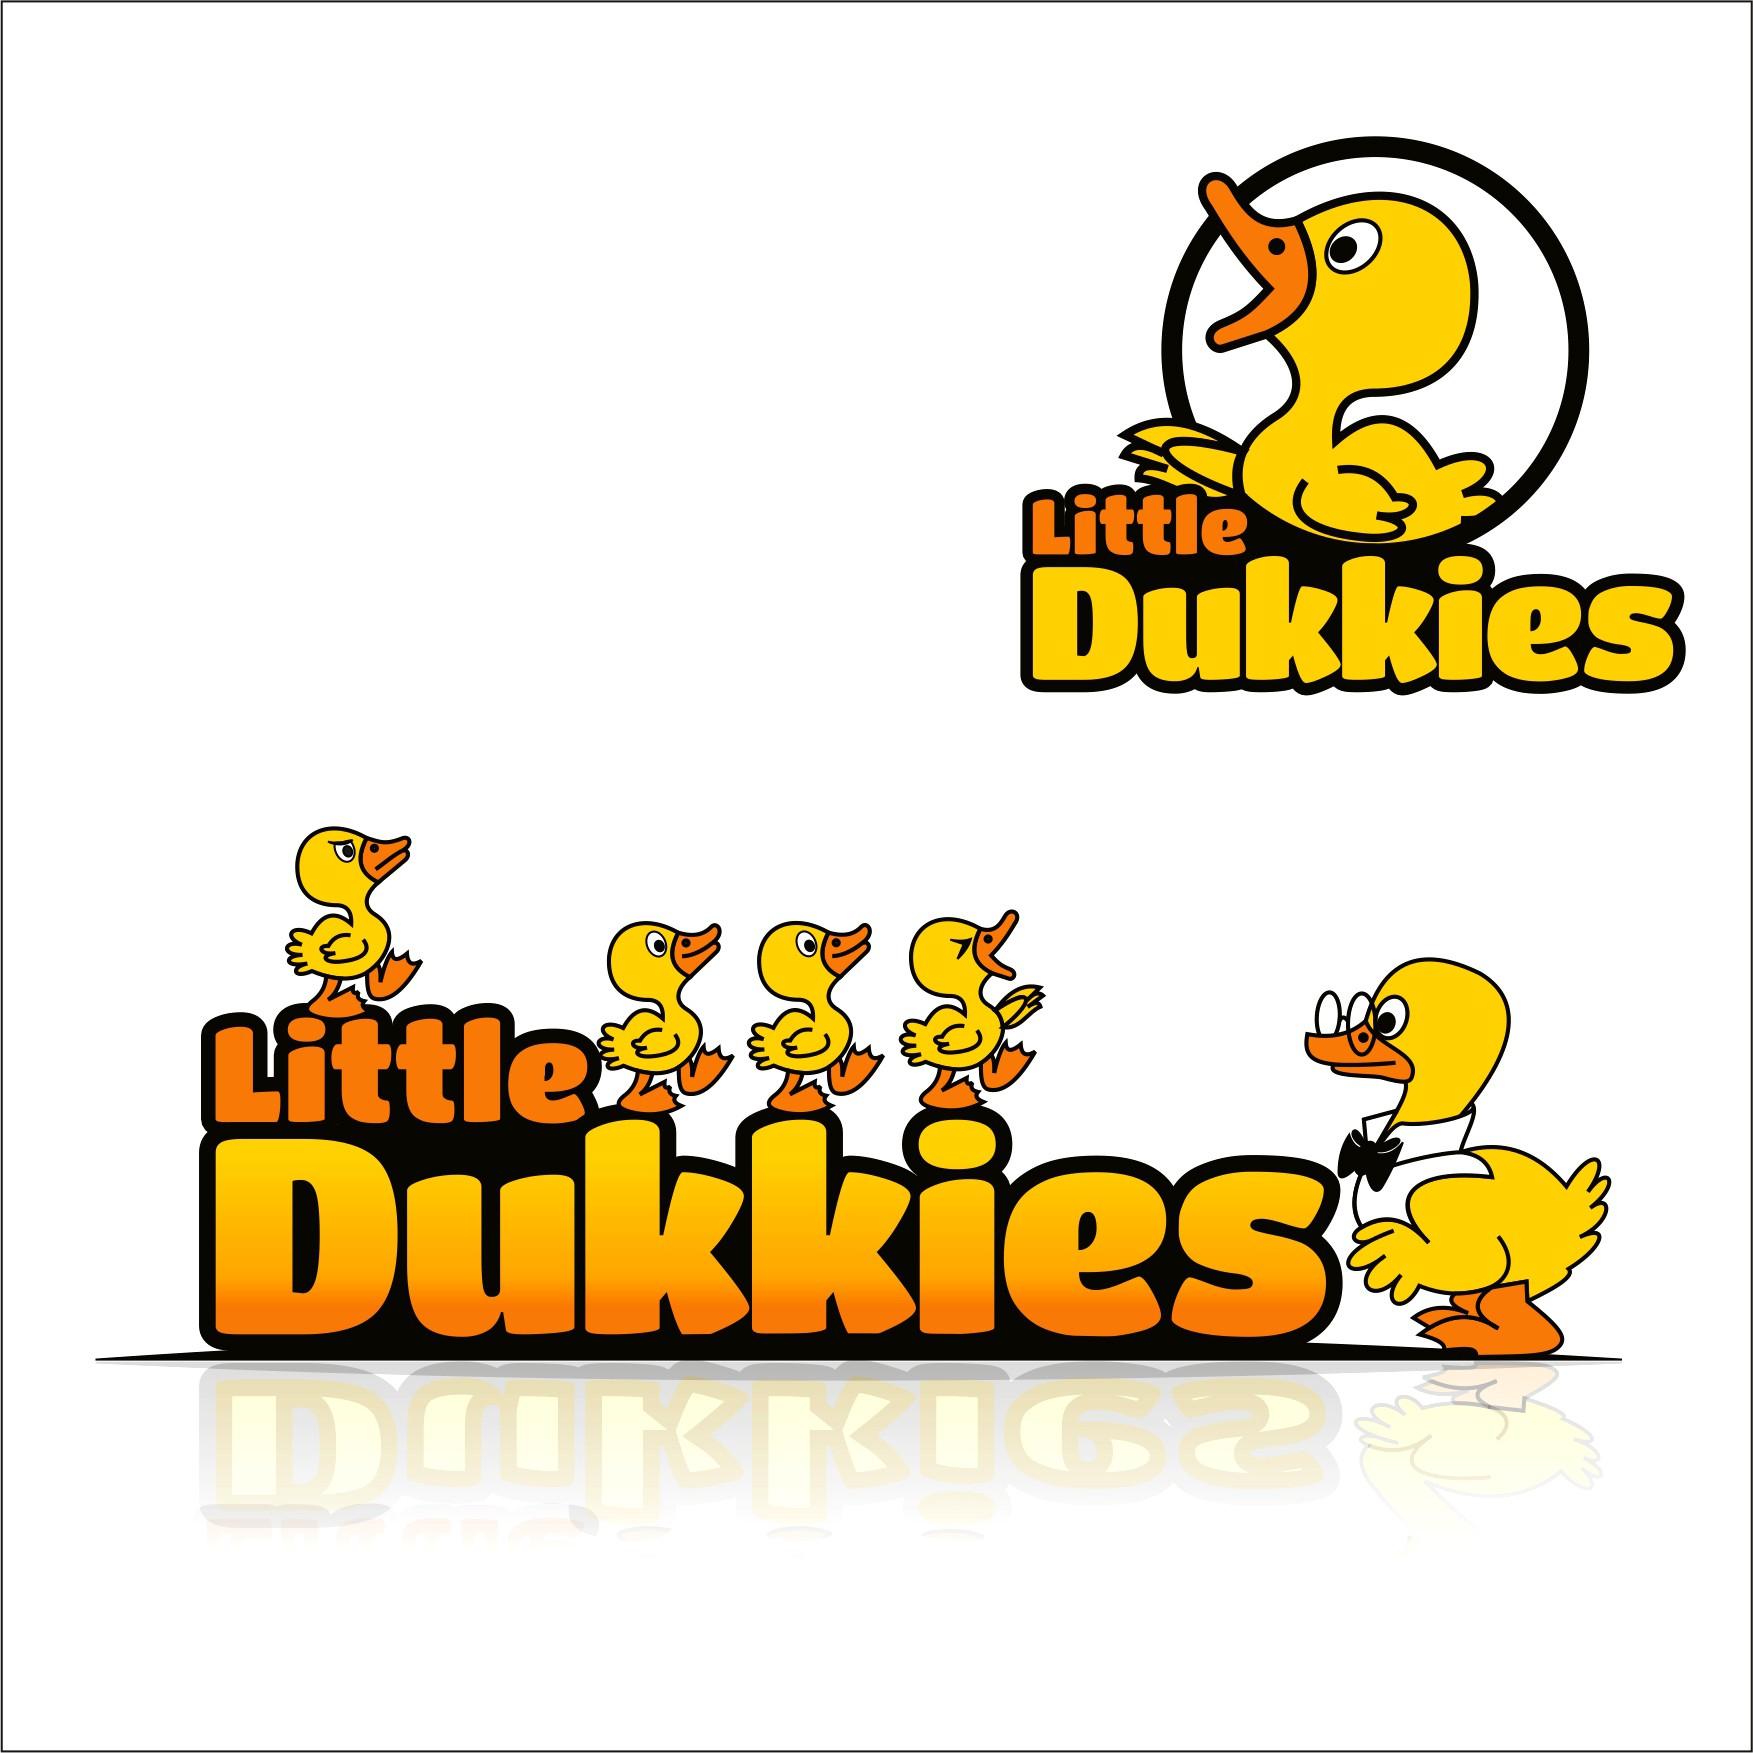 New logo wanted for Little Dukkies